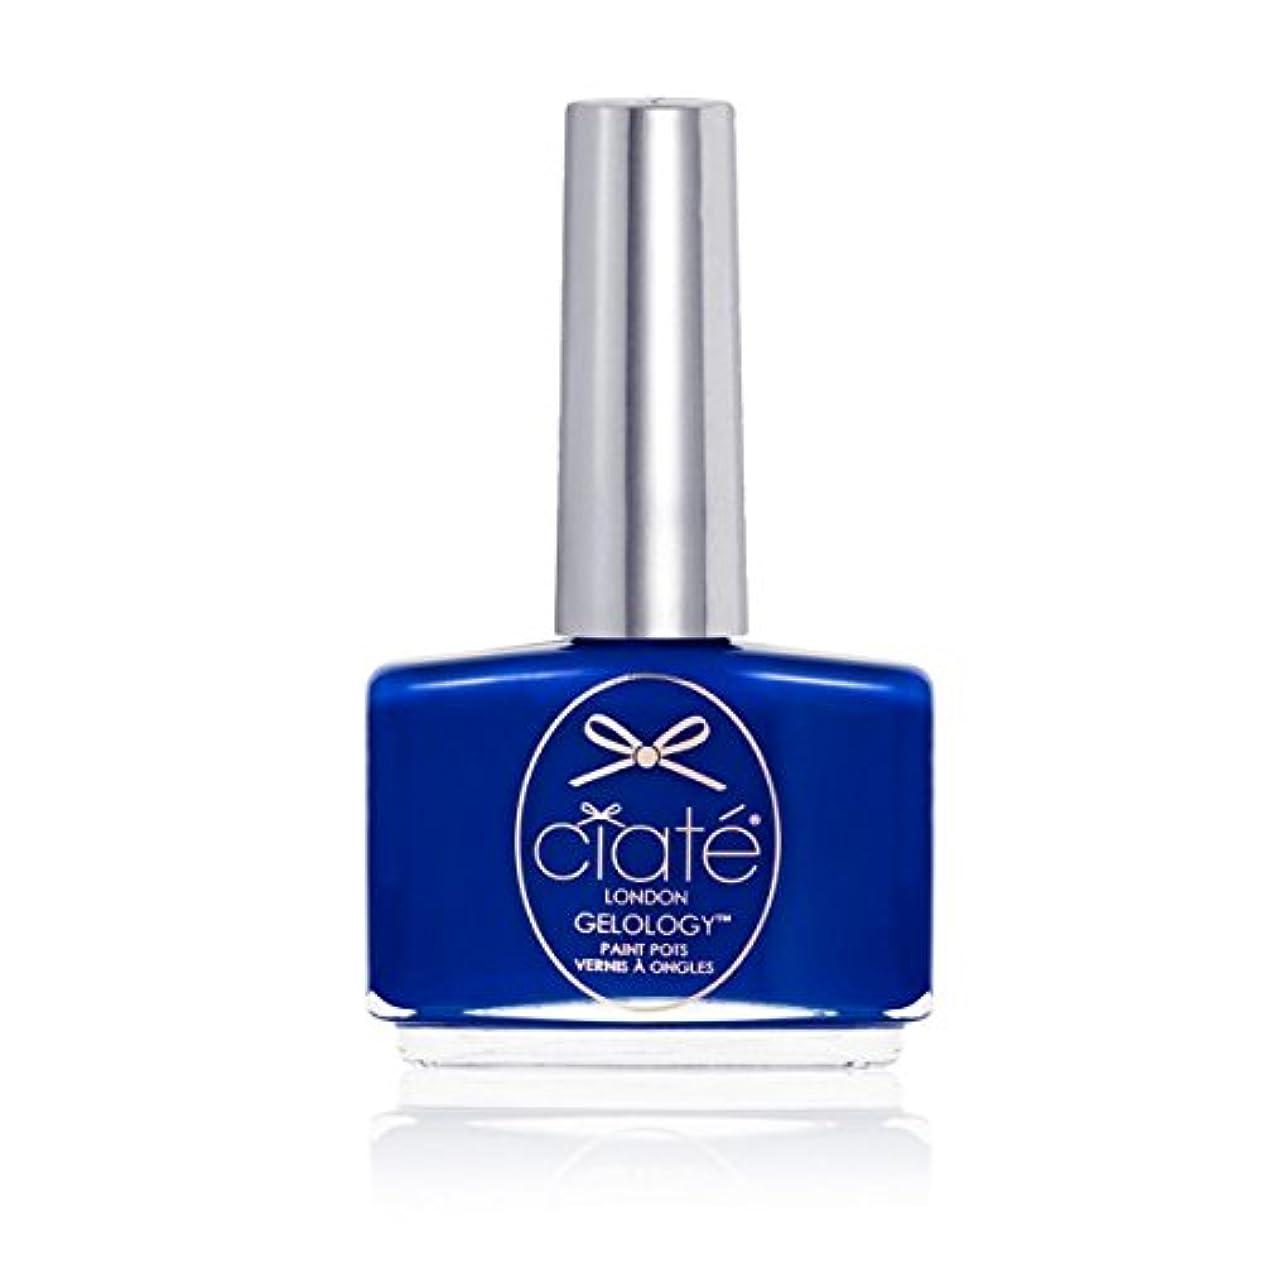 キャンディーバーチャル自動化[ciate] [シアテロンドン ] ジェルロジープールパーティー(カラー:マリンブルー)-GELOLOGY-POOL PARTY シアテロンドン ジェルポリッシュ 色:マリンブルー ネイルカラー系統:ブルー(青)